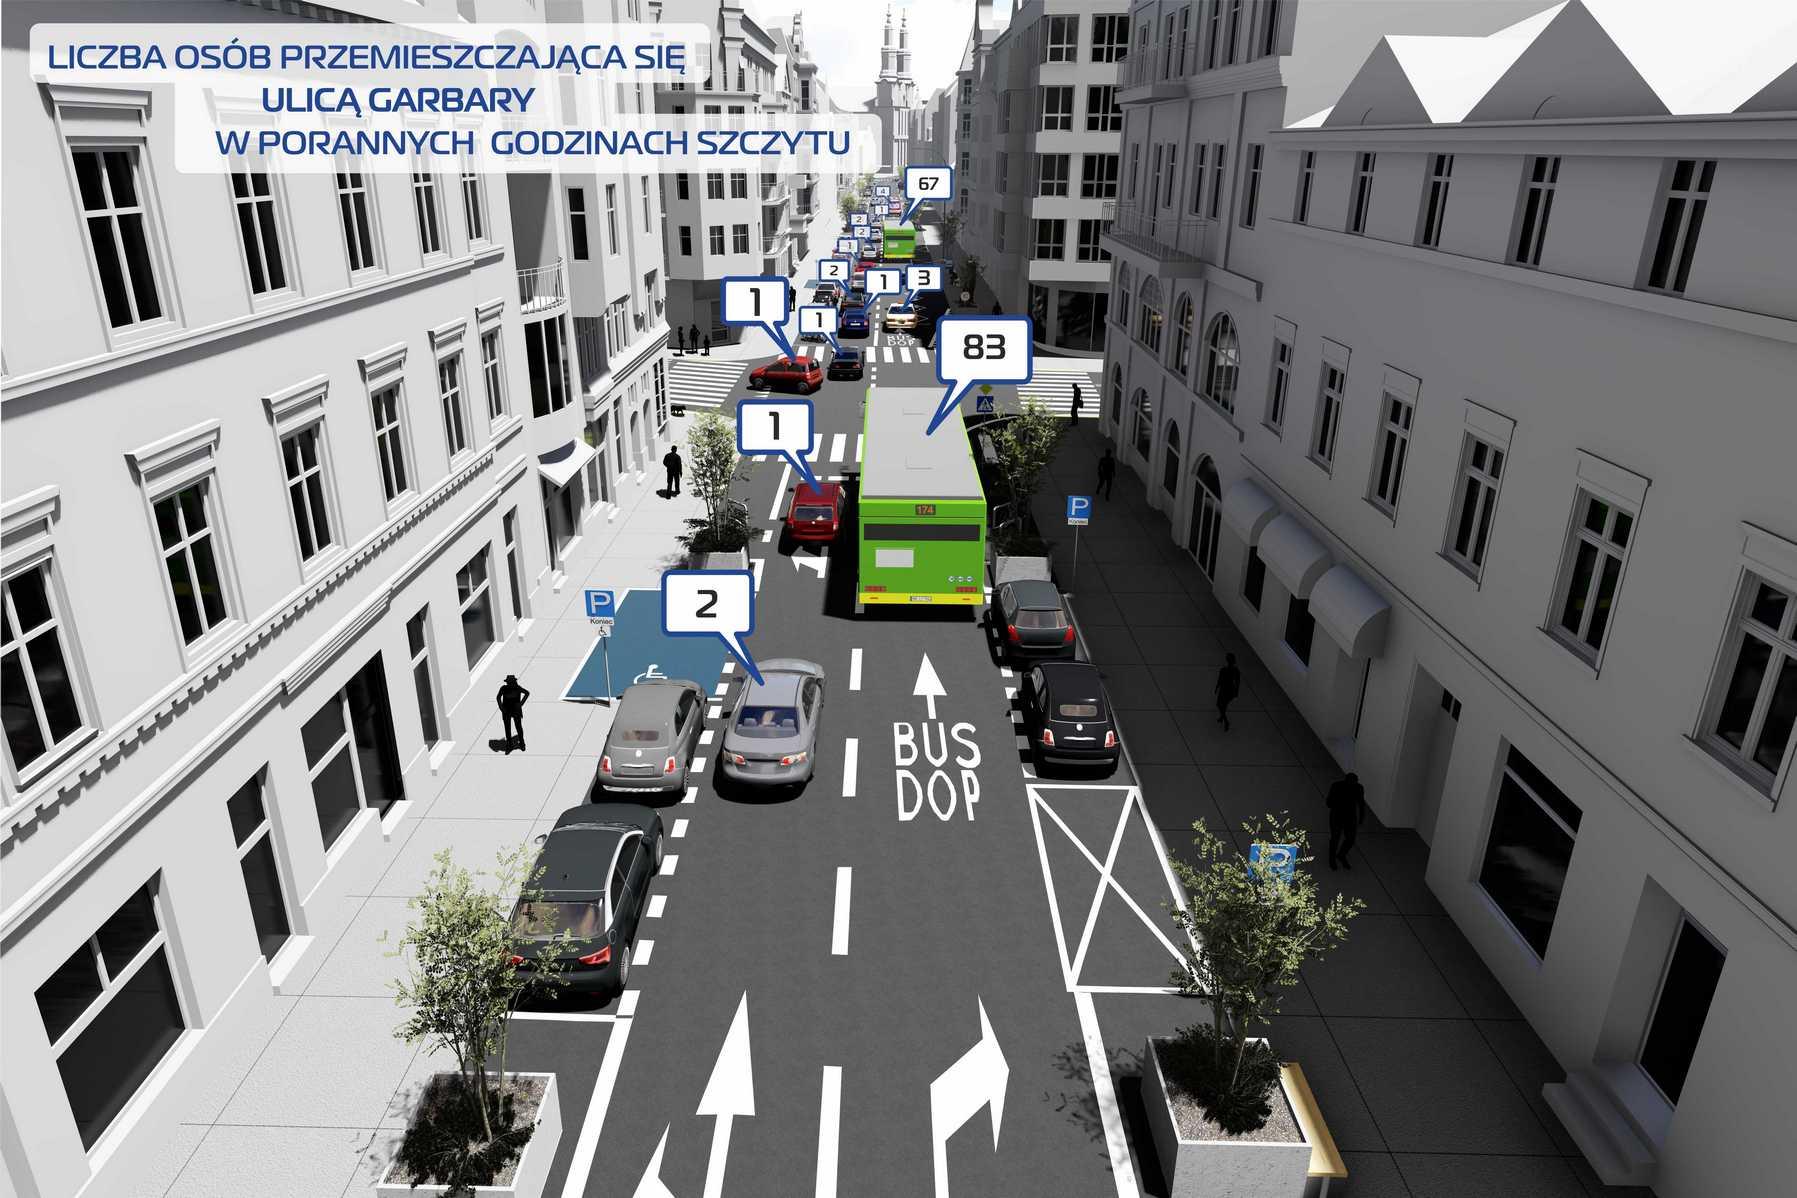 Pierwszy etap przebudowy ulicy potrwa do 6 marca (fot. poznan.pl)